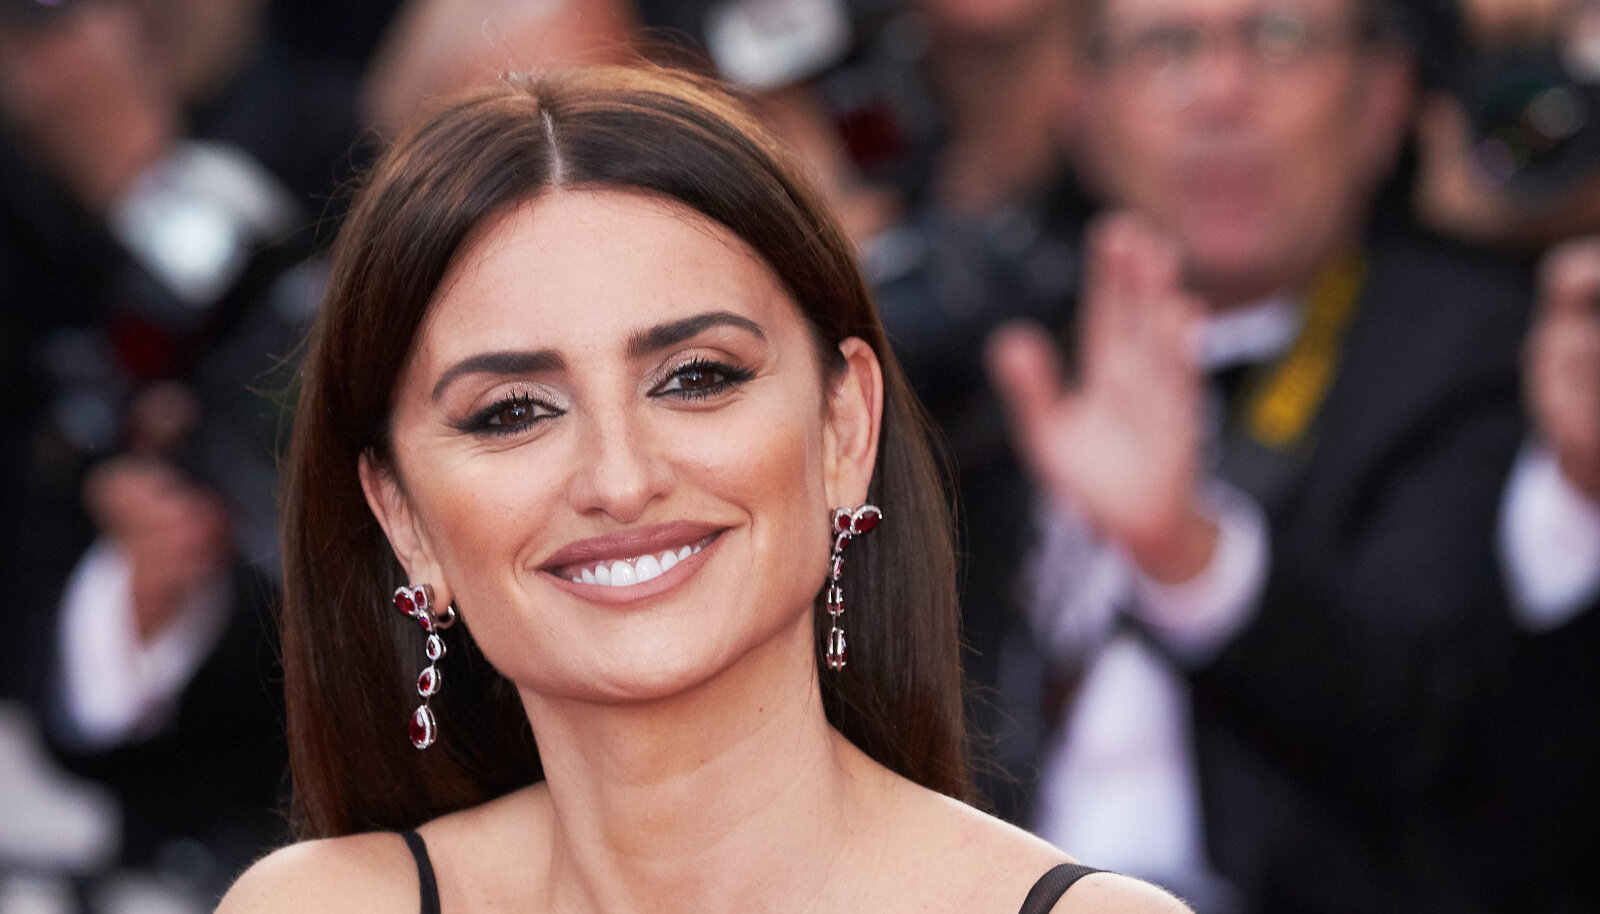 Petisesündroomi taak on tuttav ka Oscariga pärjatud näitlejanna Penelope Cruzile.